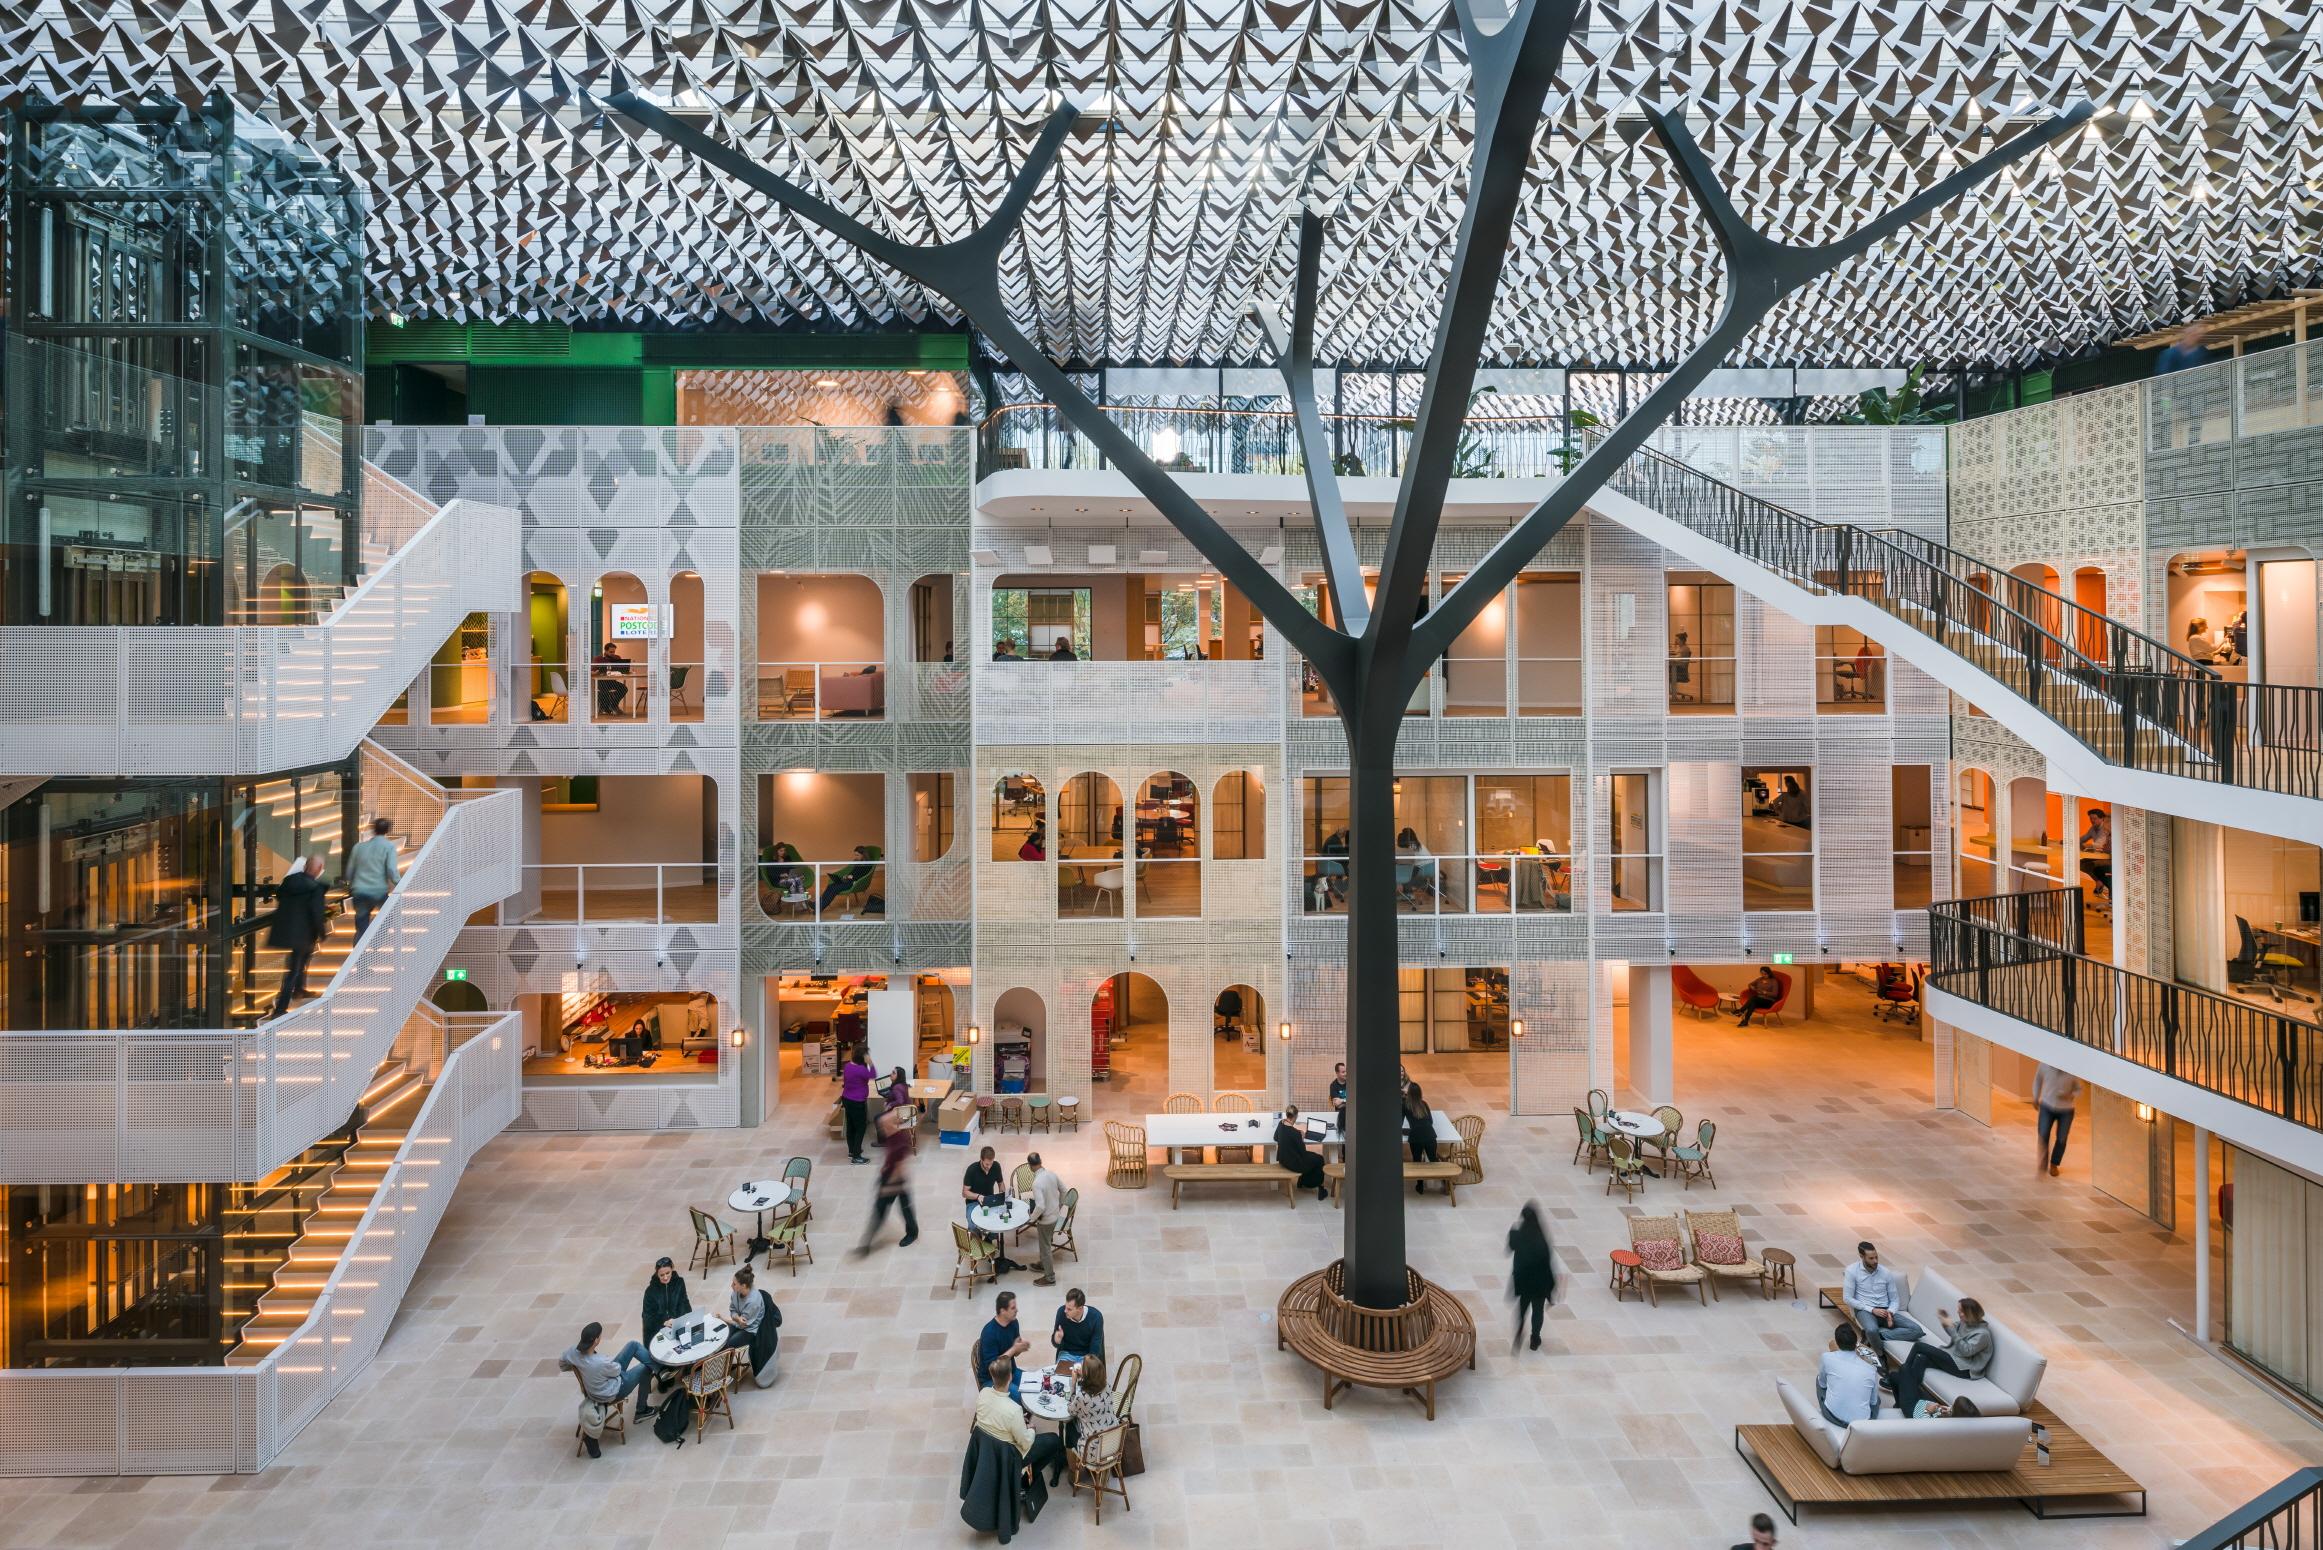 〔안정원의 건축 칼럼〕나뭇잎과 숲을 형상화한 6,800개의 빛나는 알루미늄 녹색 지붕 1